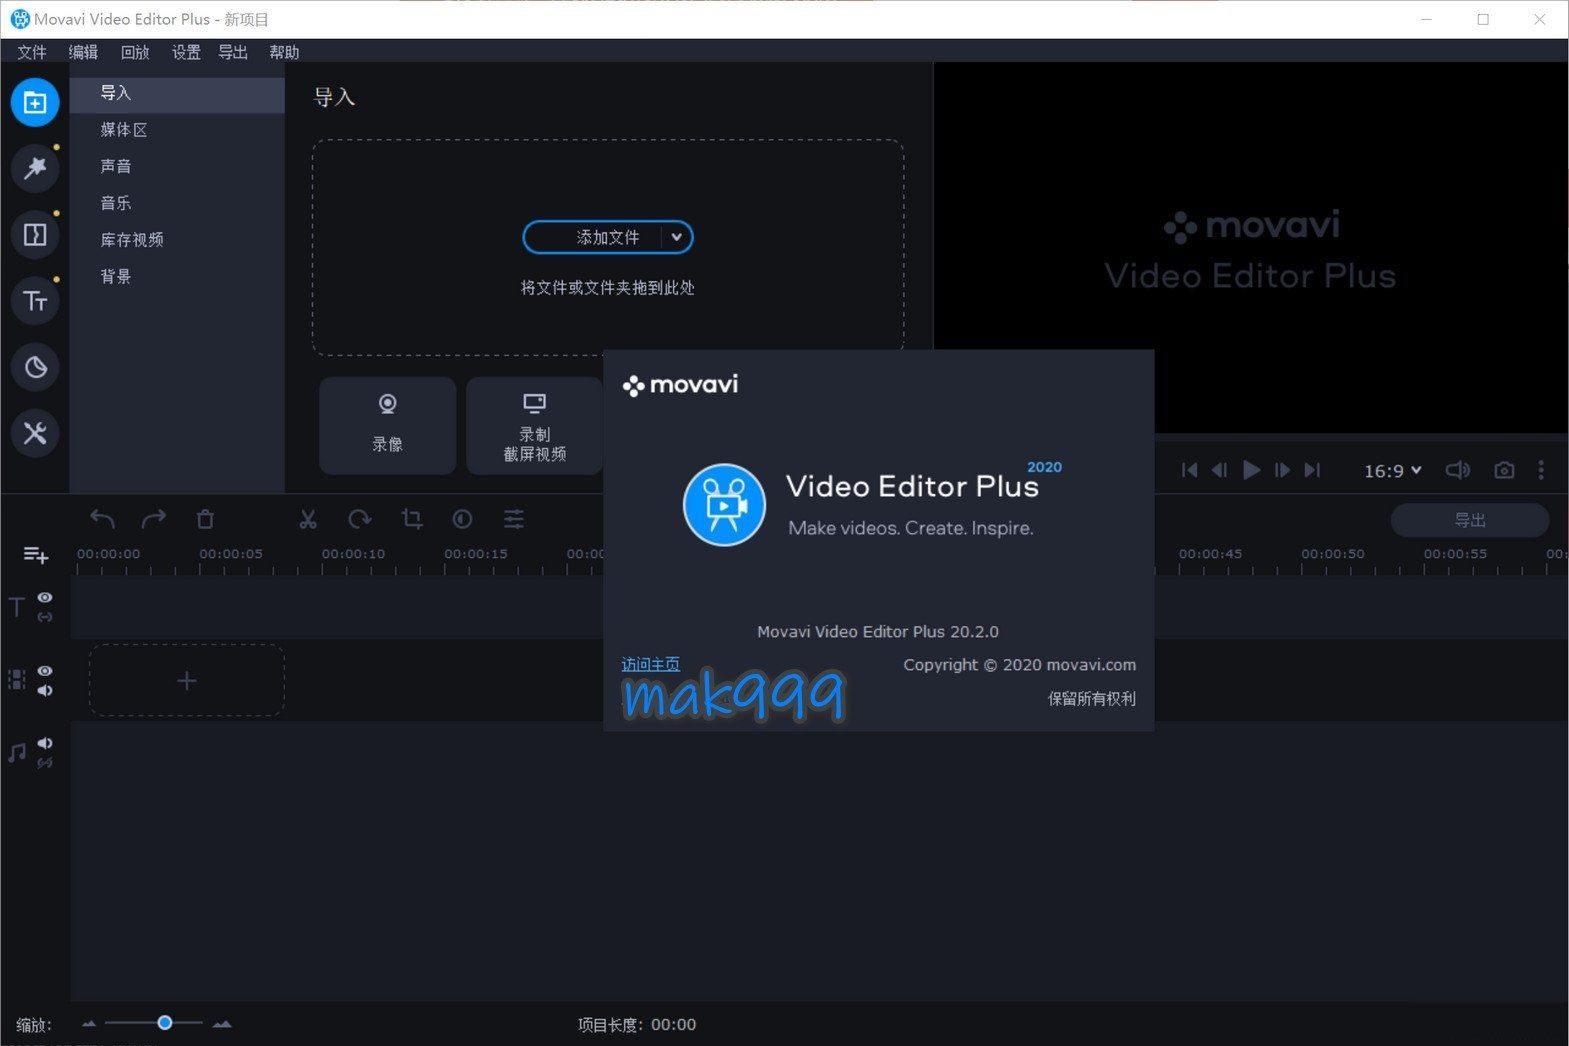 简单免费视频编辑剪切软件MovaviVideoEditorPlus2020绿色版